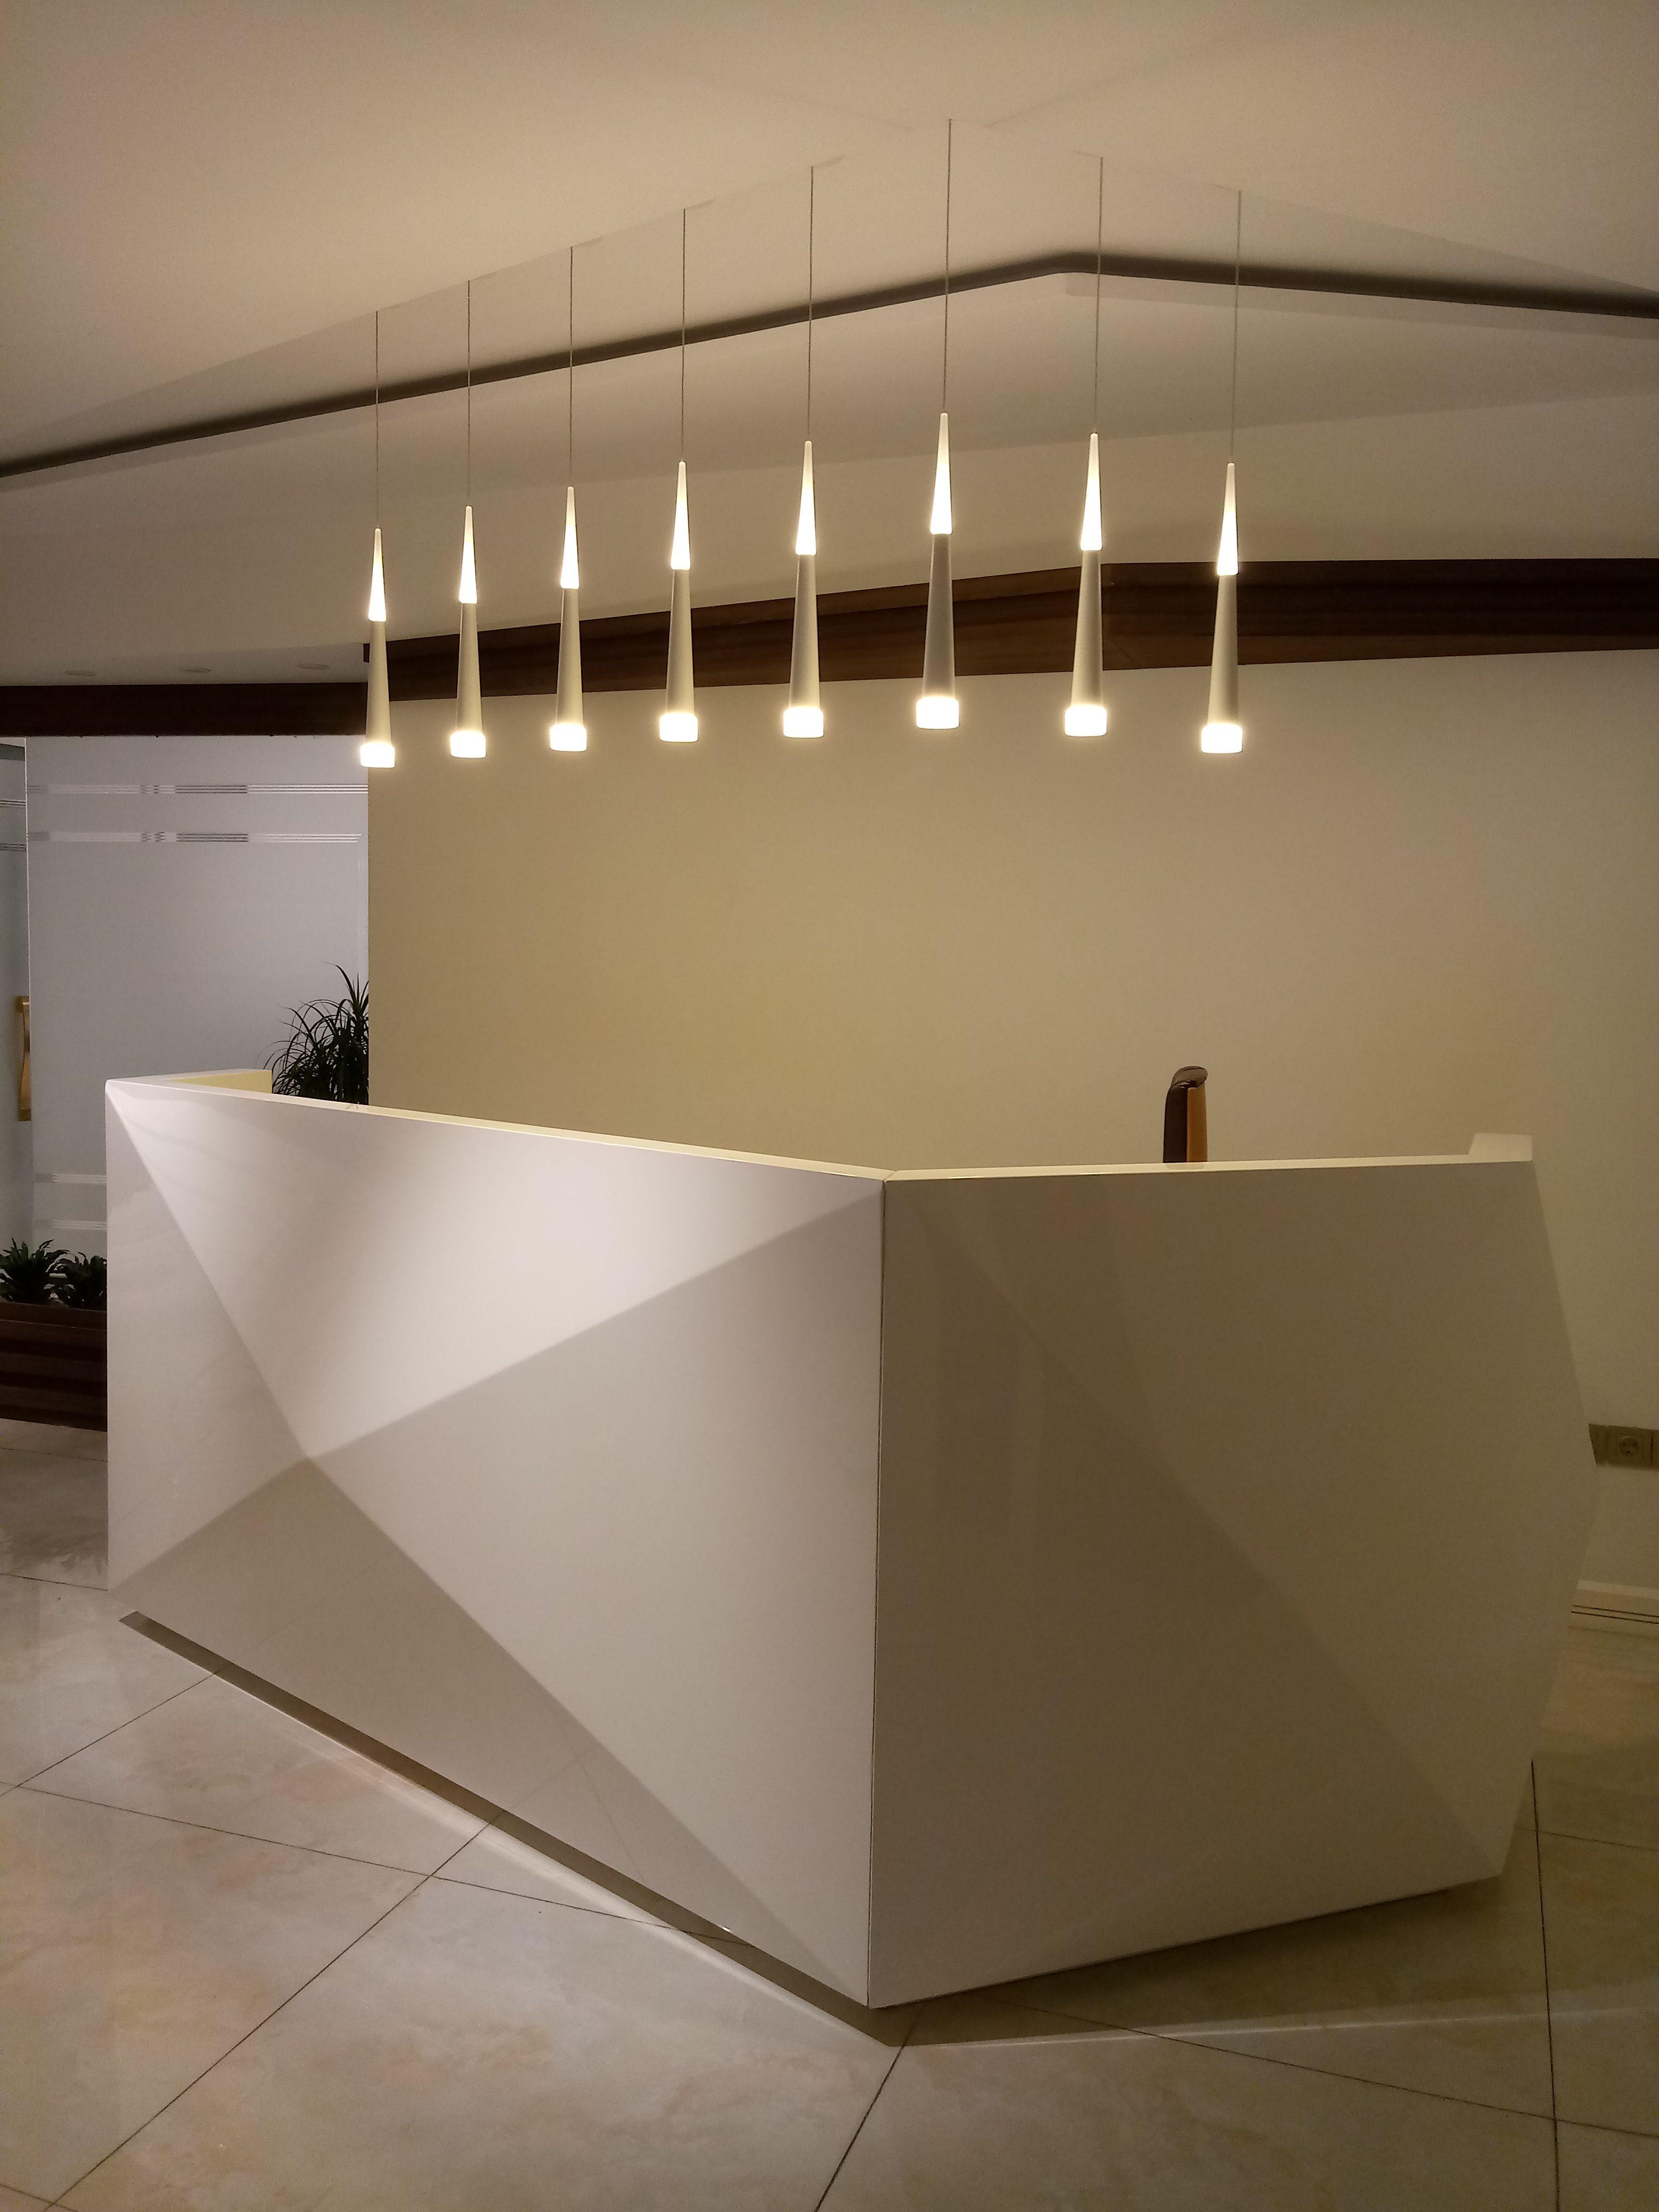 میز منشی ، میز الماس شکل چوبی